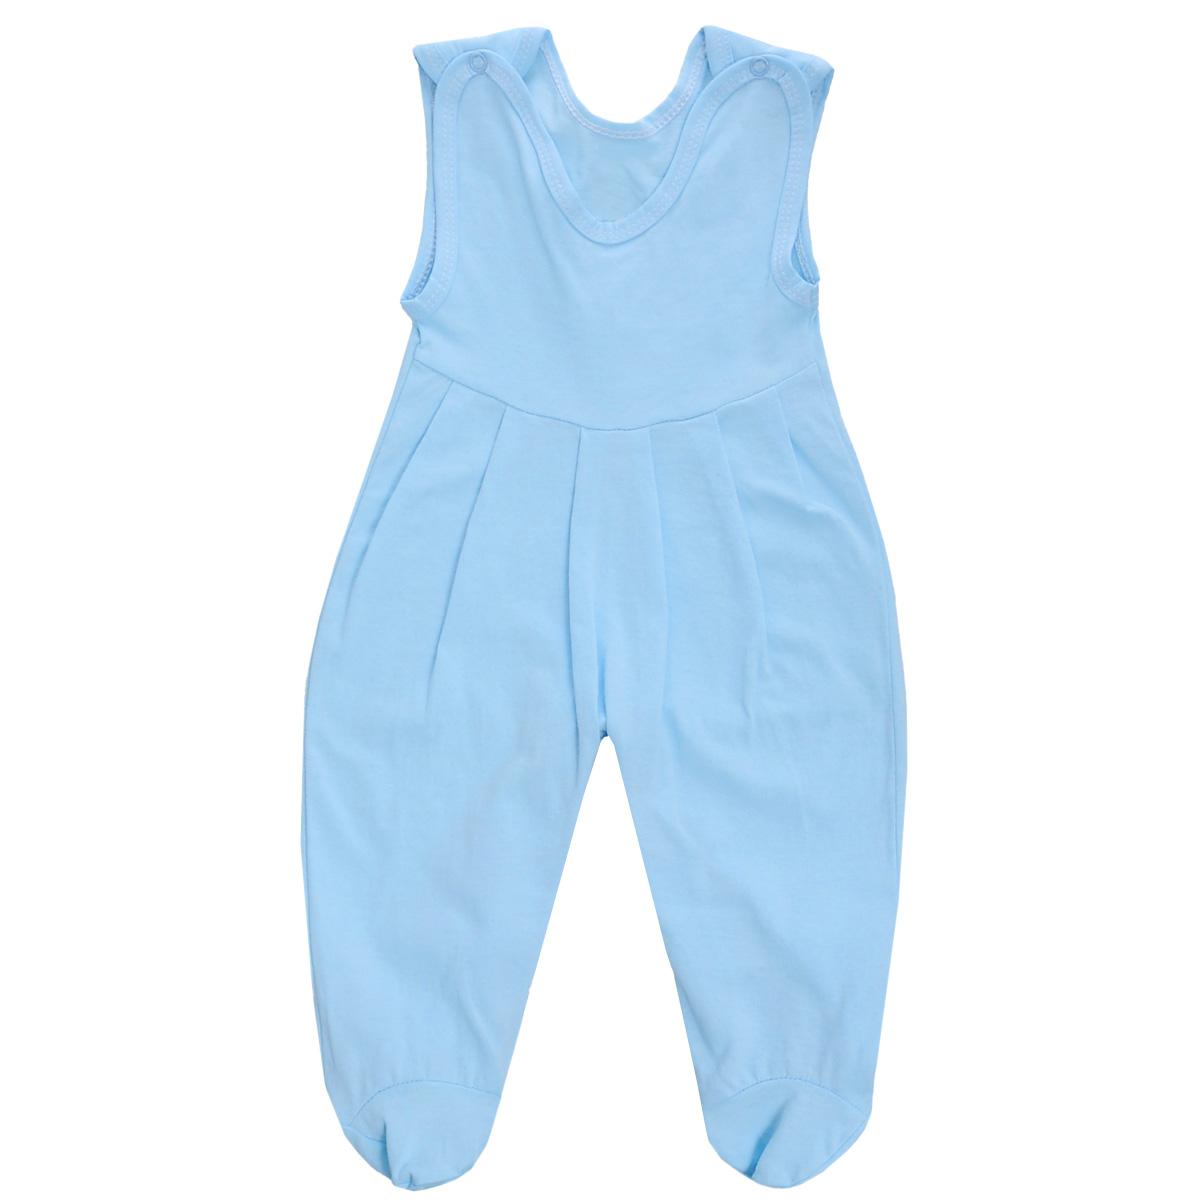 Ползунки с грудкой Трон-плюс, цвет: голубой. 5237. Размер 80, 12 месяцев5237Ползунки с грудкой Трон-плюс - очень удобный и практичный вид одежды для малышей. Они отлично сочетаются с футболками и кофточками. Ползунки выполнены из кулирного полотна - натурального хлопка, благодаря чему они необычайно мягкие и приятные на ощупь, не раздражают нежную кожу ребенка и хорошо вентилируются, а эластичные швы приятны телу младенца и не препятствуют его движениям. Ползунки с закрытыми ножками, застегивающиеся сверху на кнопки, идеально подойдут вашему ребенку, обеспечивая ему наибольший комфорт, подходят для ношения с подгузником и без него. Кнопки на ластовице помогают легко и без труда поменять подгузник в течение дня. От линии груди заложены складочки, придающие изделию оригинальность.Ползунки с грудкой полностью соответствуют особенностям жизни младенца в ранний период, не стесняя и не ограничивая его в движениях!